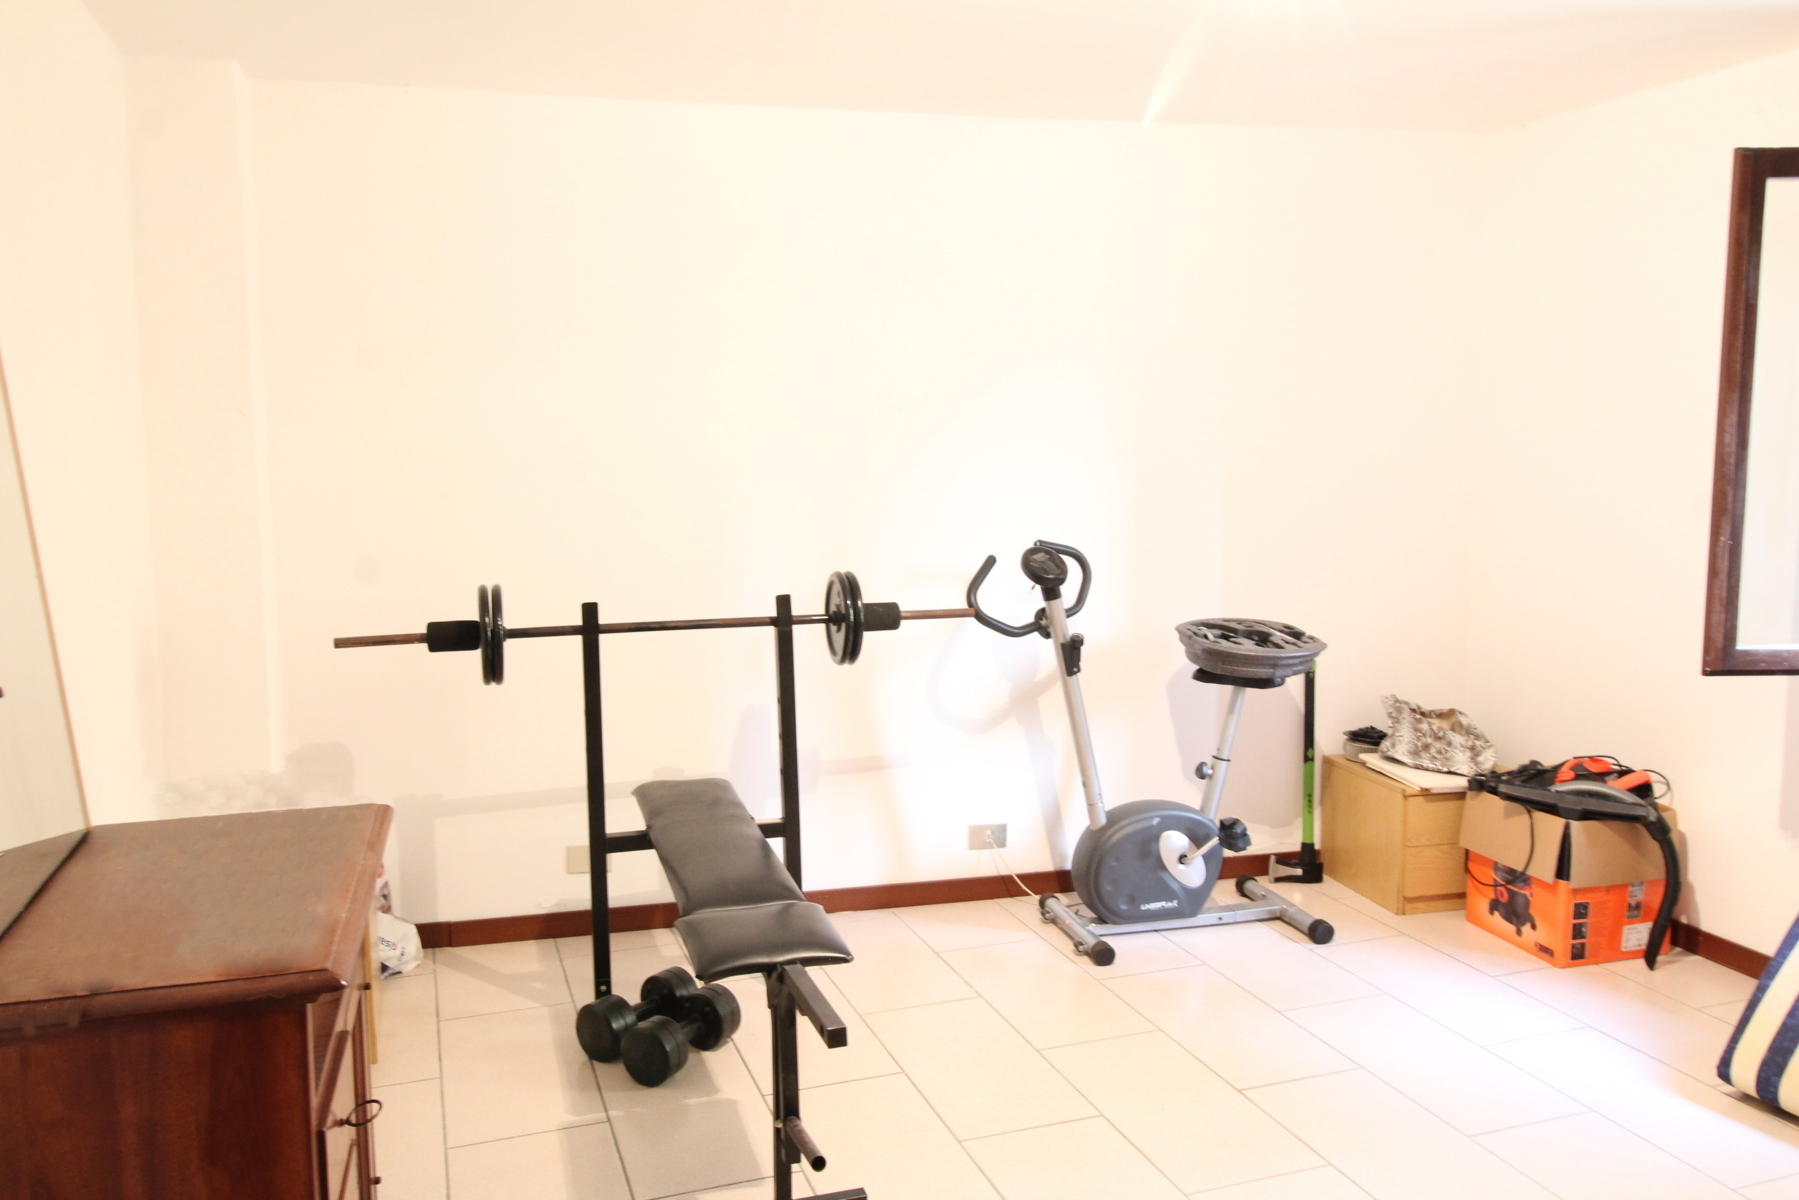 Appartamento bicamere in vendita arzignano annunci vendita for Planimetrie dell appartamento del garage di una camera da letto